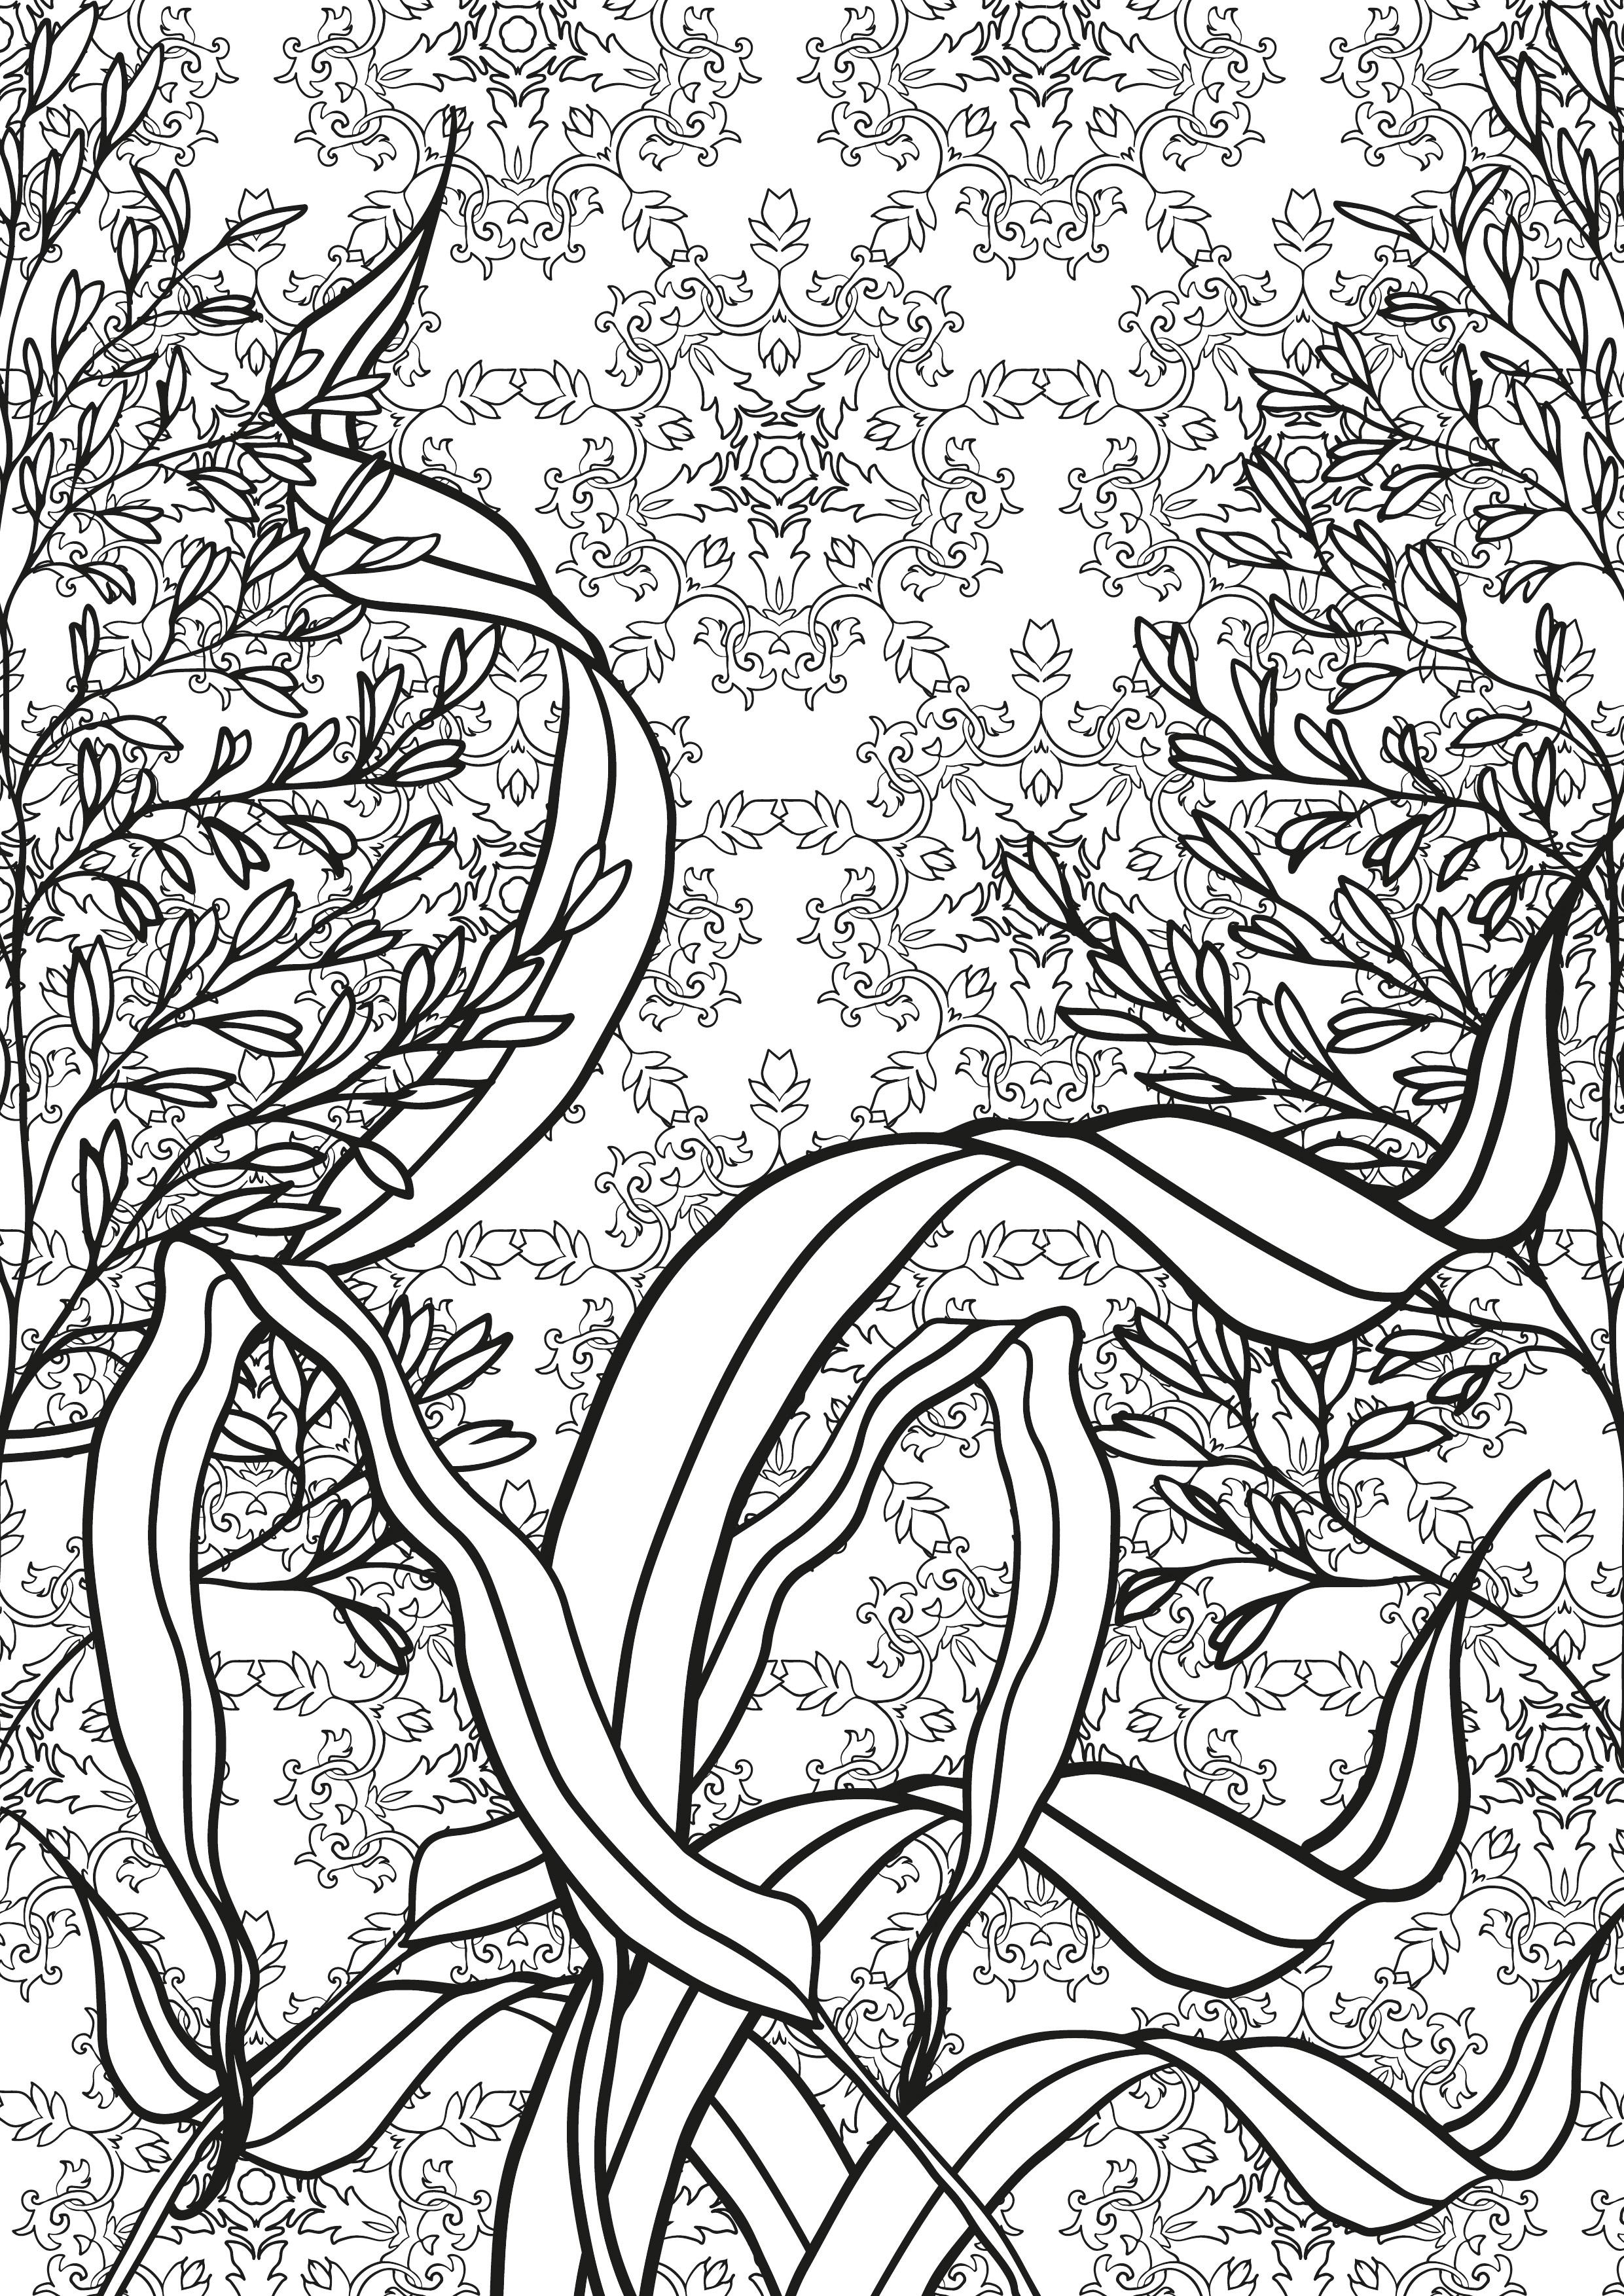 Coloriage Anti-stress #126875 (Relaxation) - Album de coloriages